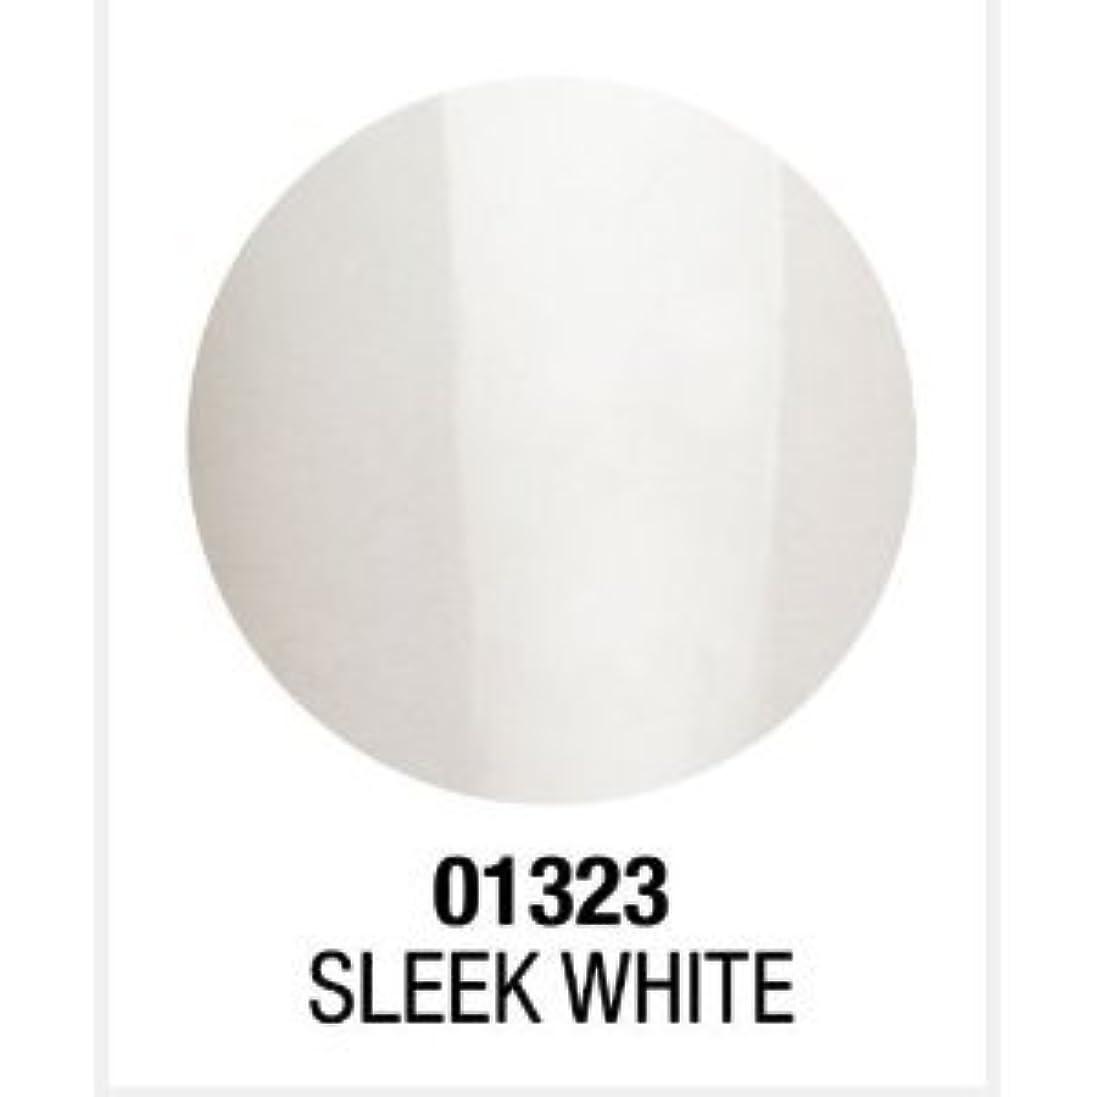 座標スカルク車両ハーモニー ジェリッシュ シークホワイト 15ml [平行輸入品][海外直送品]